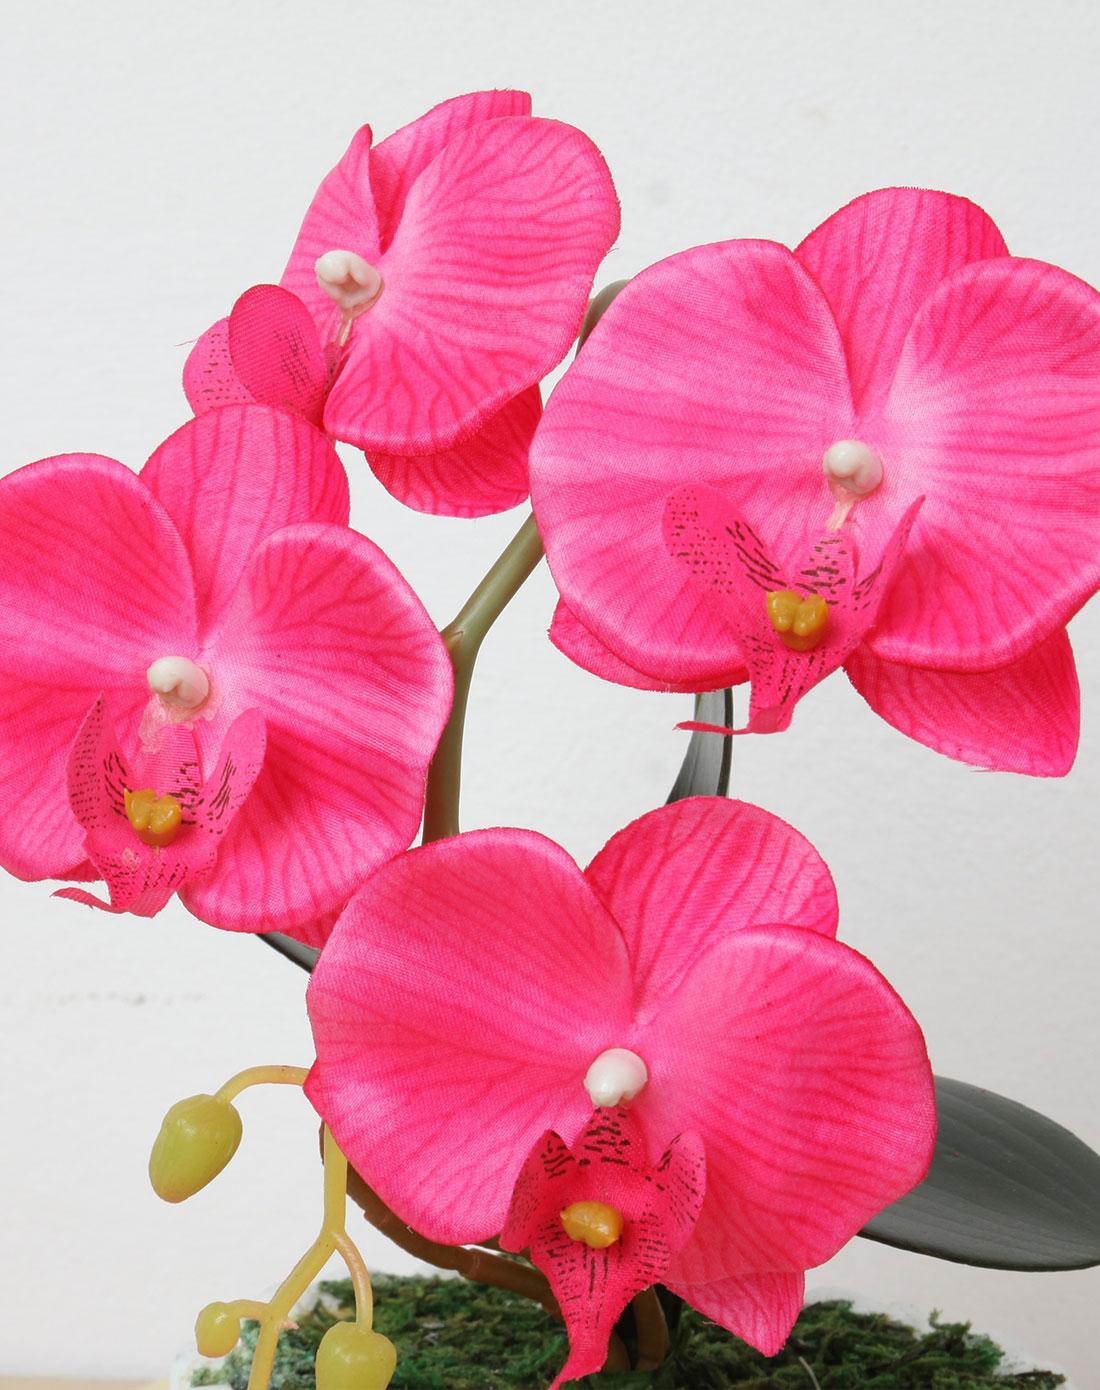 > 小蝴蝶兰盆栽-玫红色花